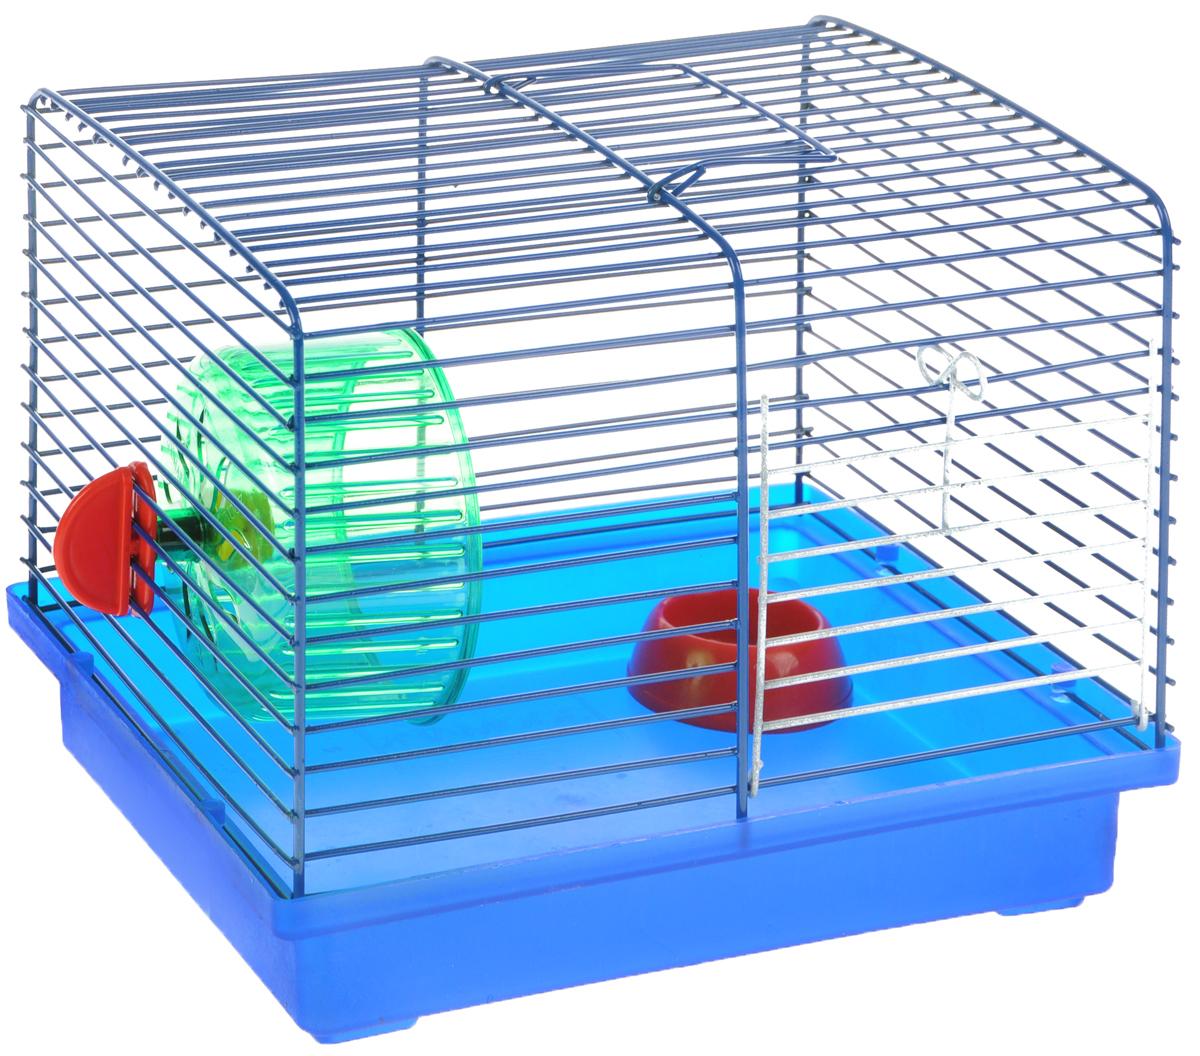 Клетка для джунгариков ЗооМарк, с колесом и миской, цвет: синий поддон, синяя решетка, 23 х 18 х 19 см511ССКлетка ЗооМарк, выполненная из пластика и металла, подходит для мелких грызунов. Изделие оборудовано колесом для подвижных игр и пластиковой миской. Клетка имеет яркий поддон, удобна в использовании и легко чистится. Сверху имеется ручка для переноски. Такая клетка станет личным пространством и уютным домиком для маленького грызуна. Комплектация: - клетка с поддоном; - миска; - колесо.